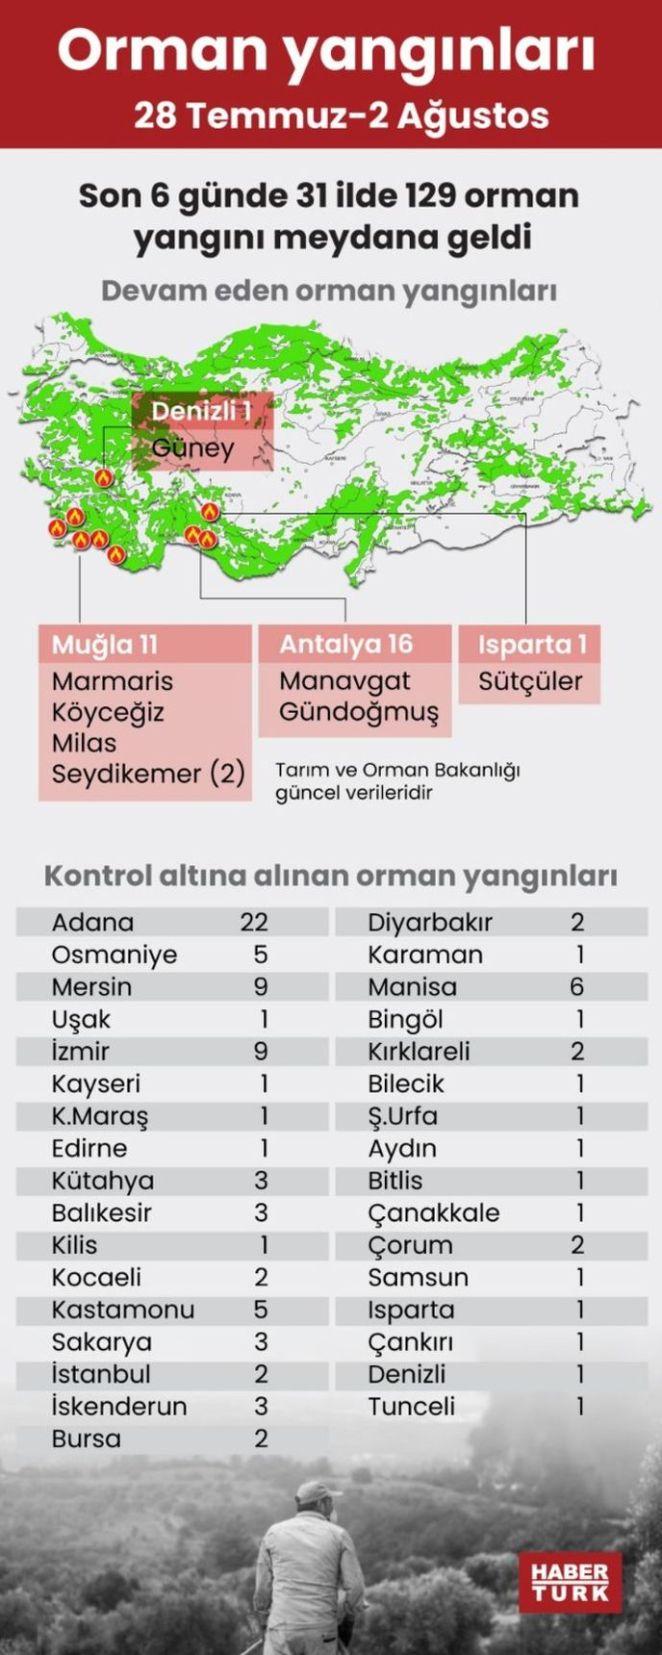 Yangında son durum: Marmaris, Fethiye, Bodrum, Antalya yangınlarında son durum 14